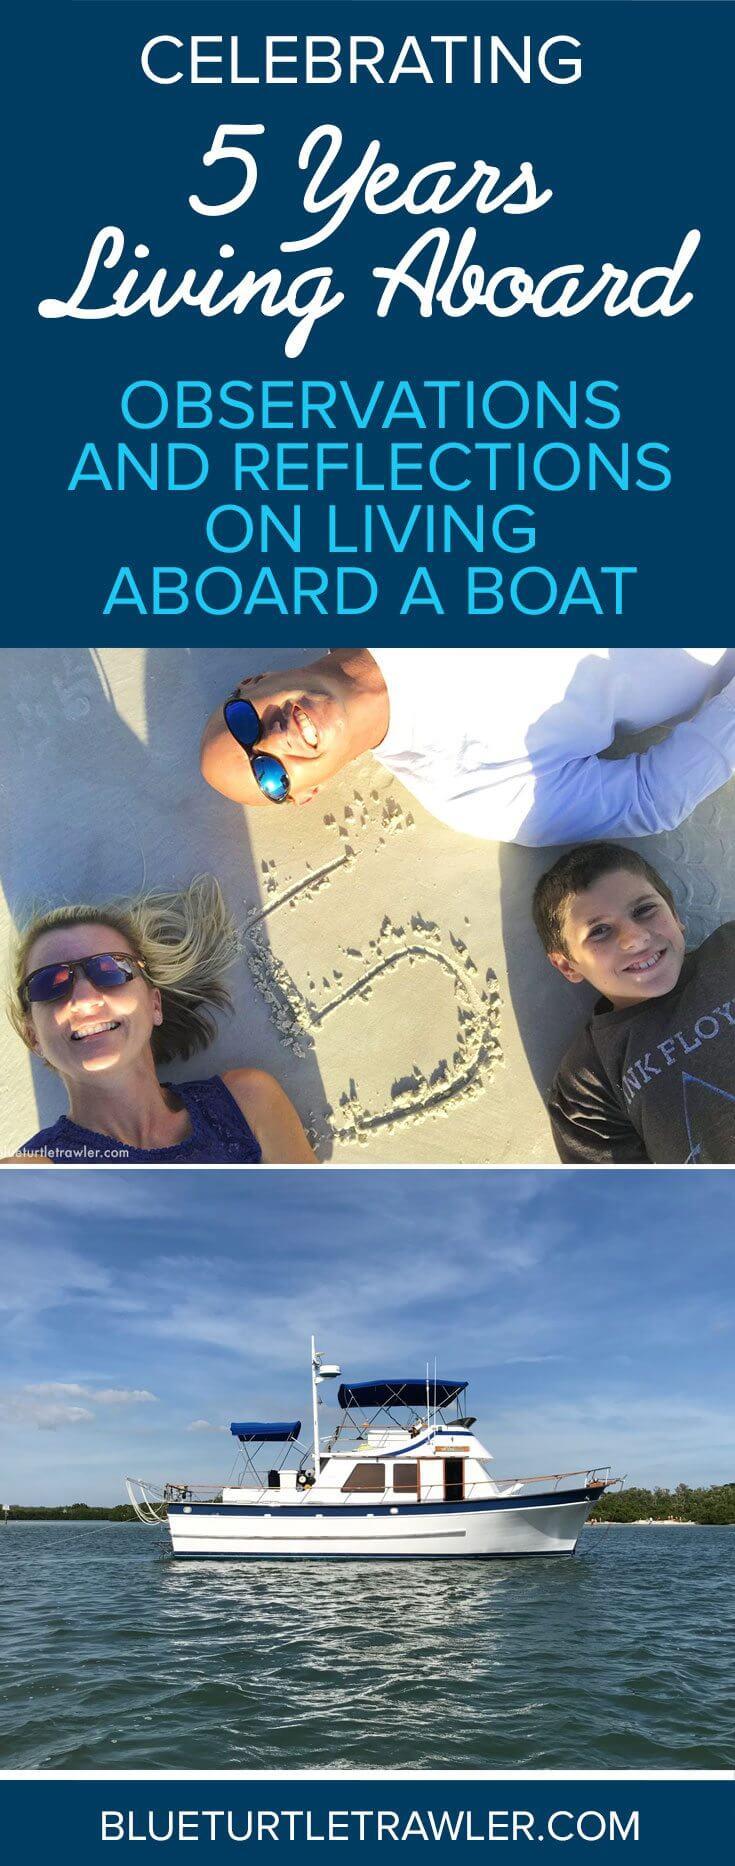 5 years living aboard aboard